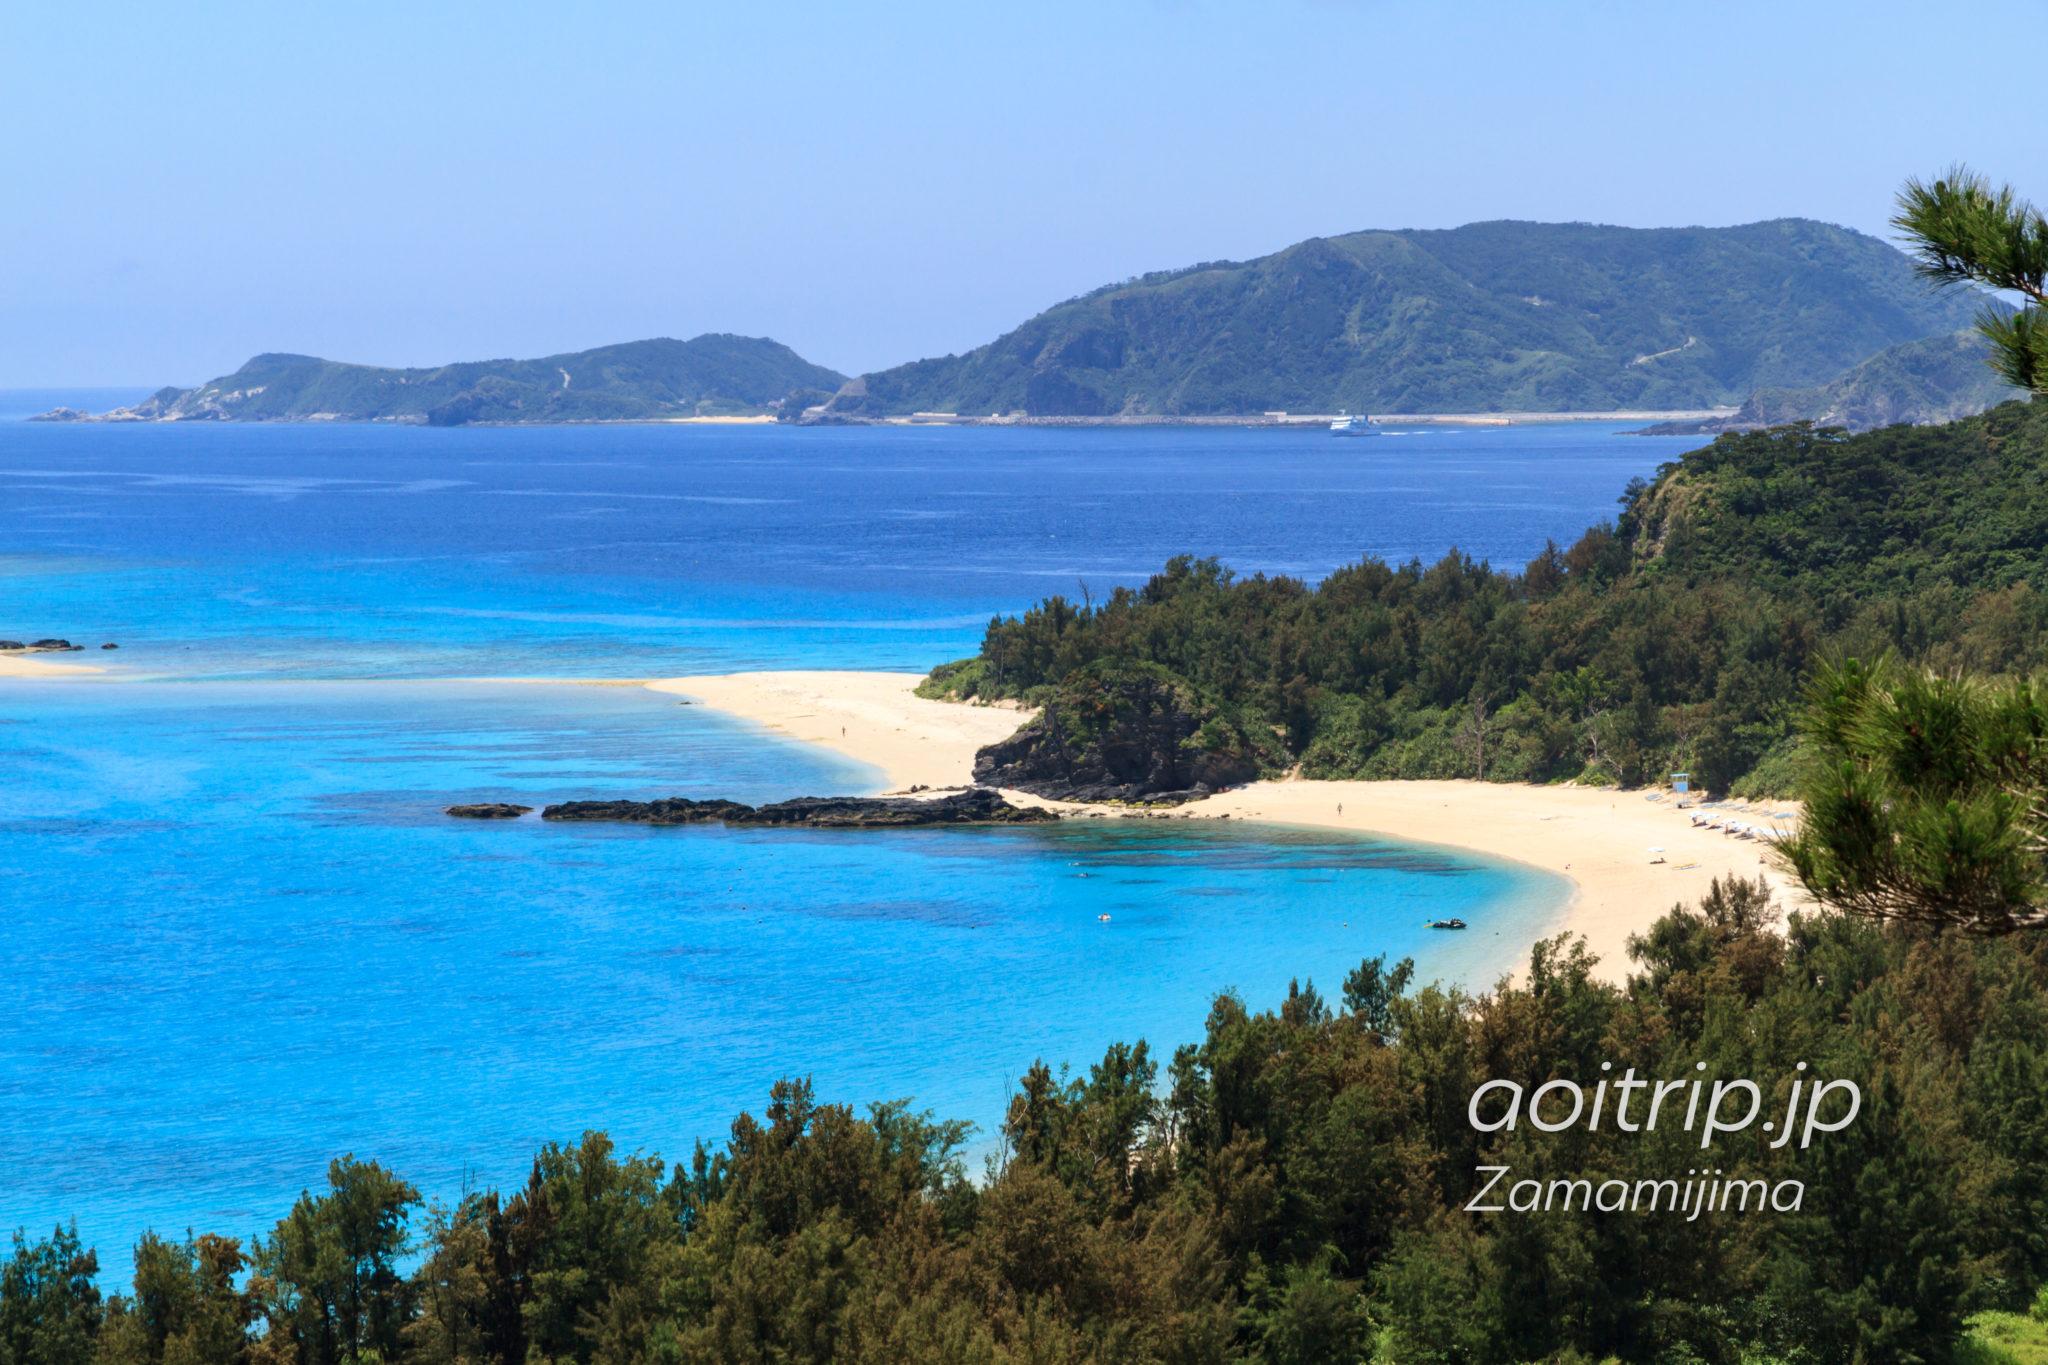 古座間味ビーチの丘から見る慶良間諸島の島々